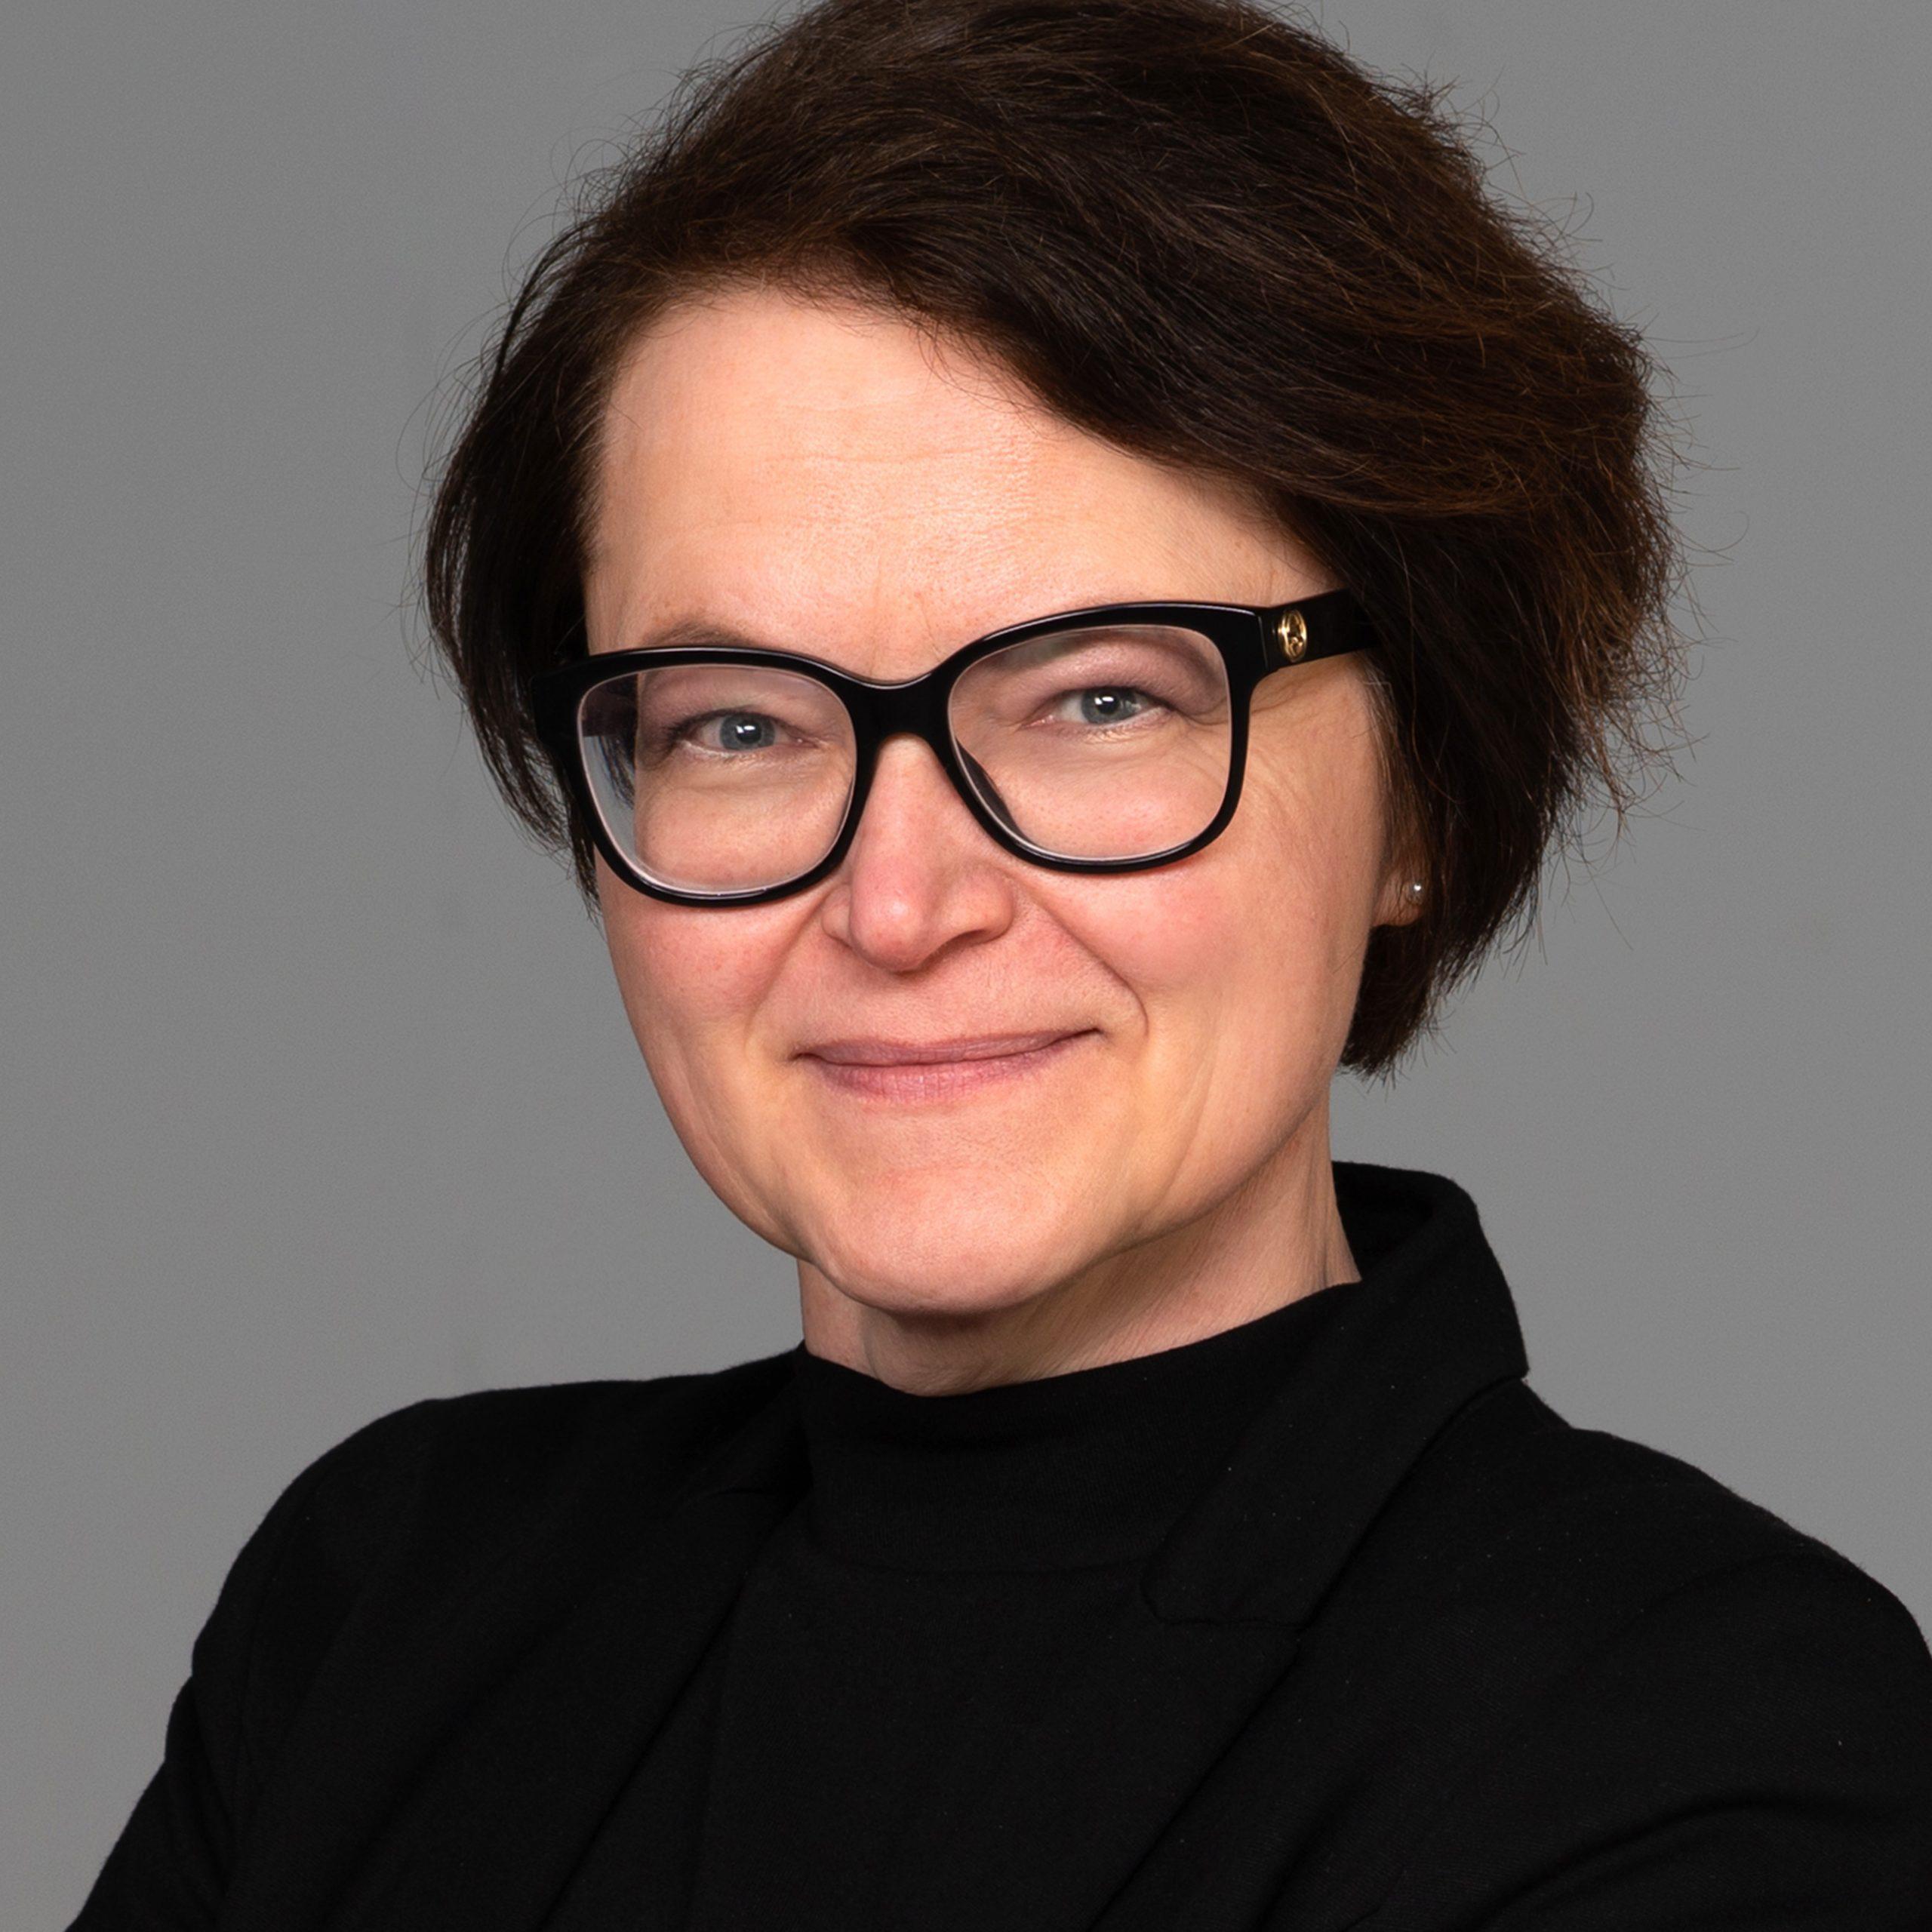 Renata Hamsikova profiel